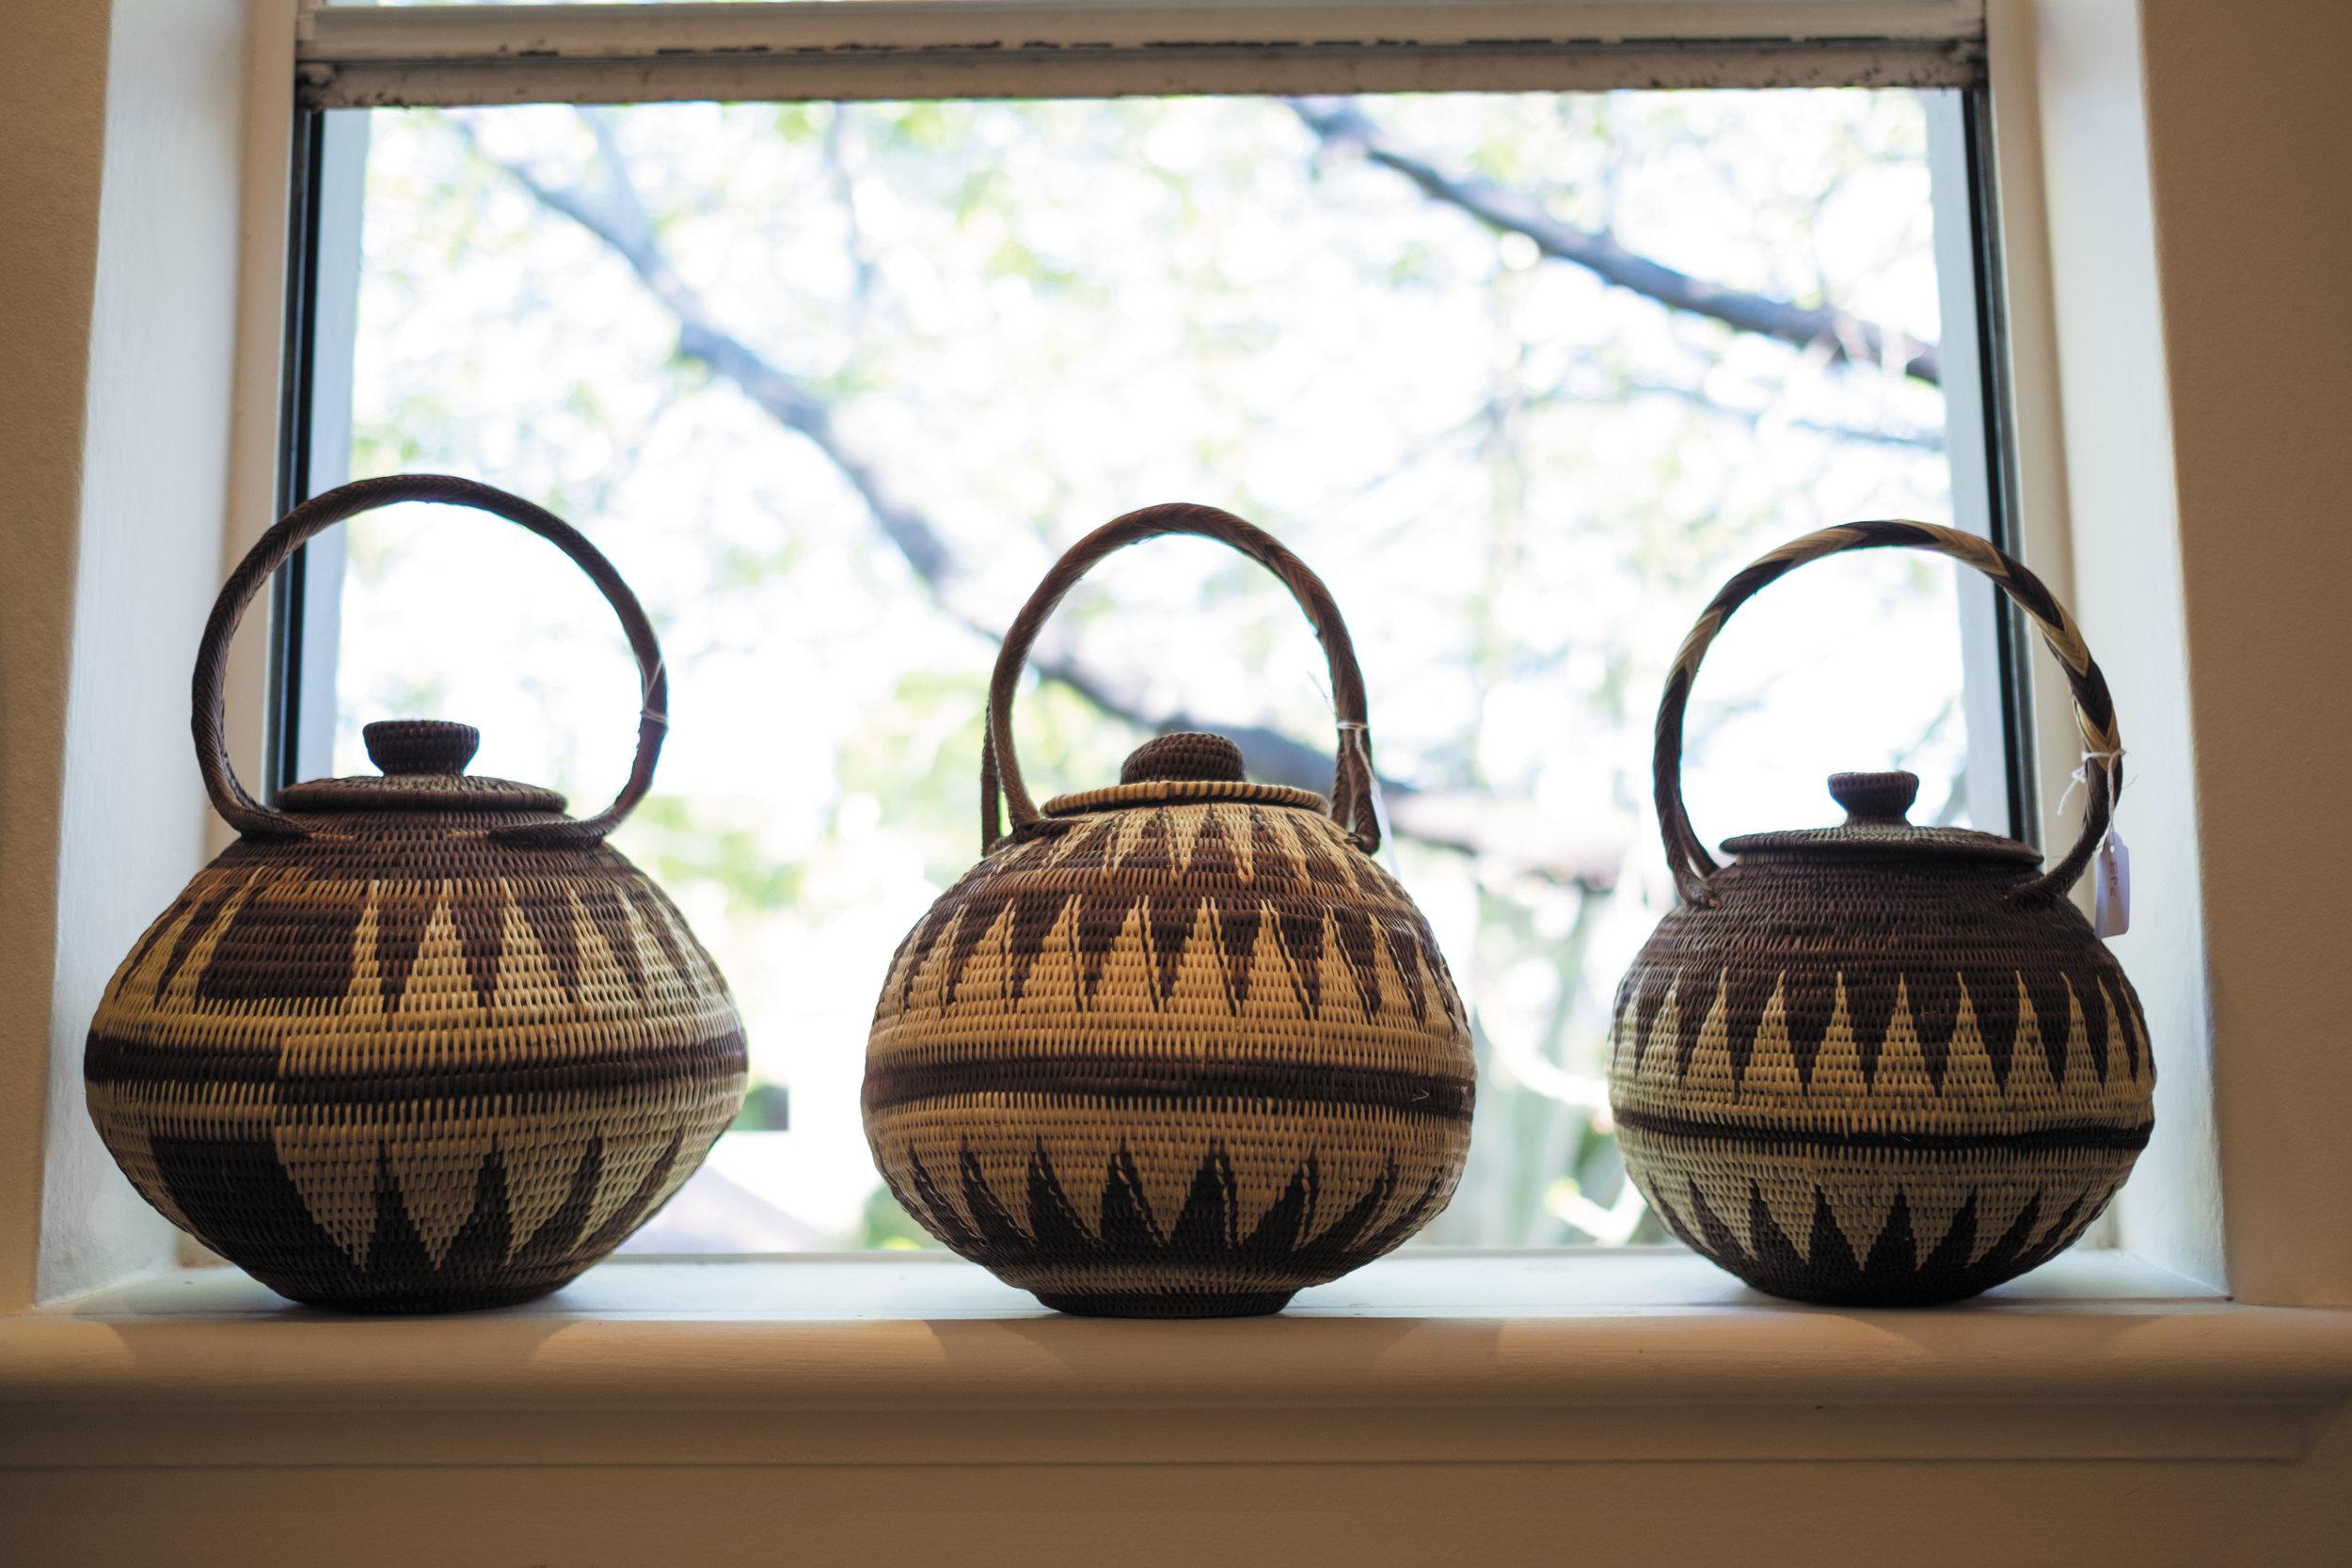 baskets window daytime 1.jpg